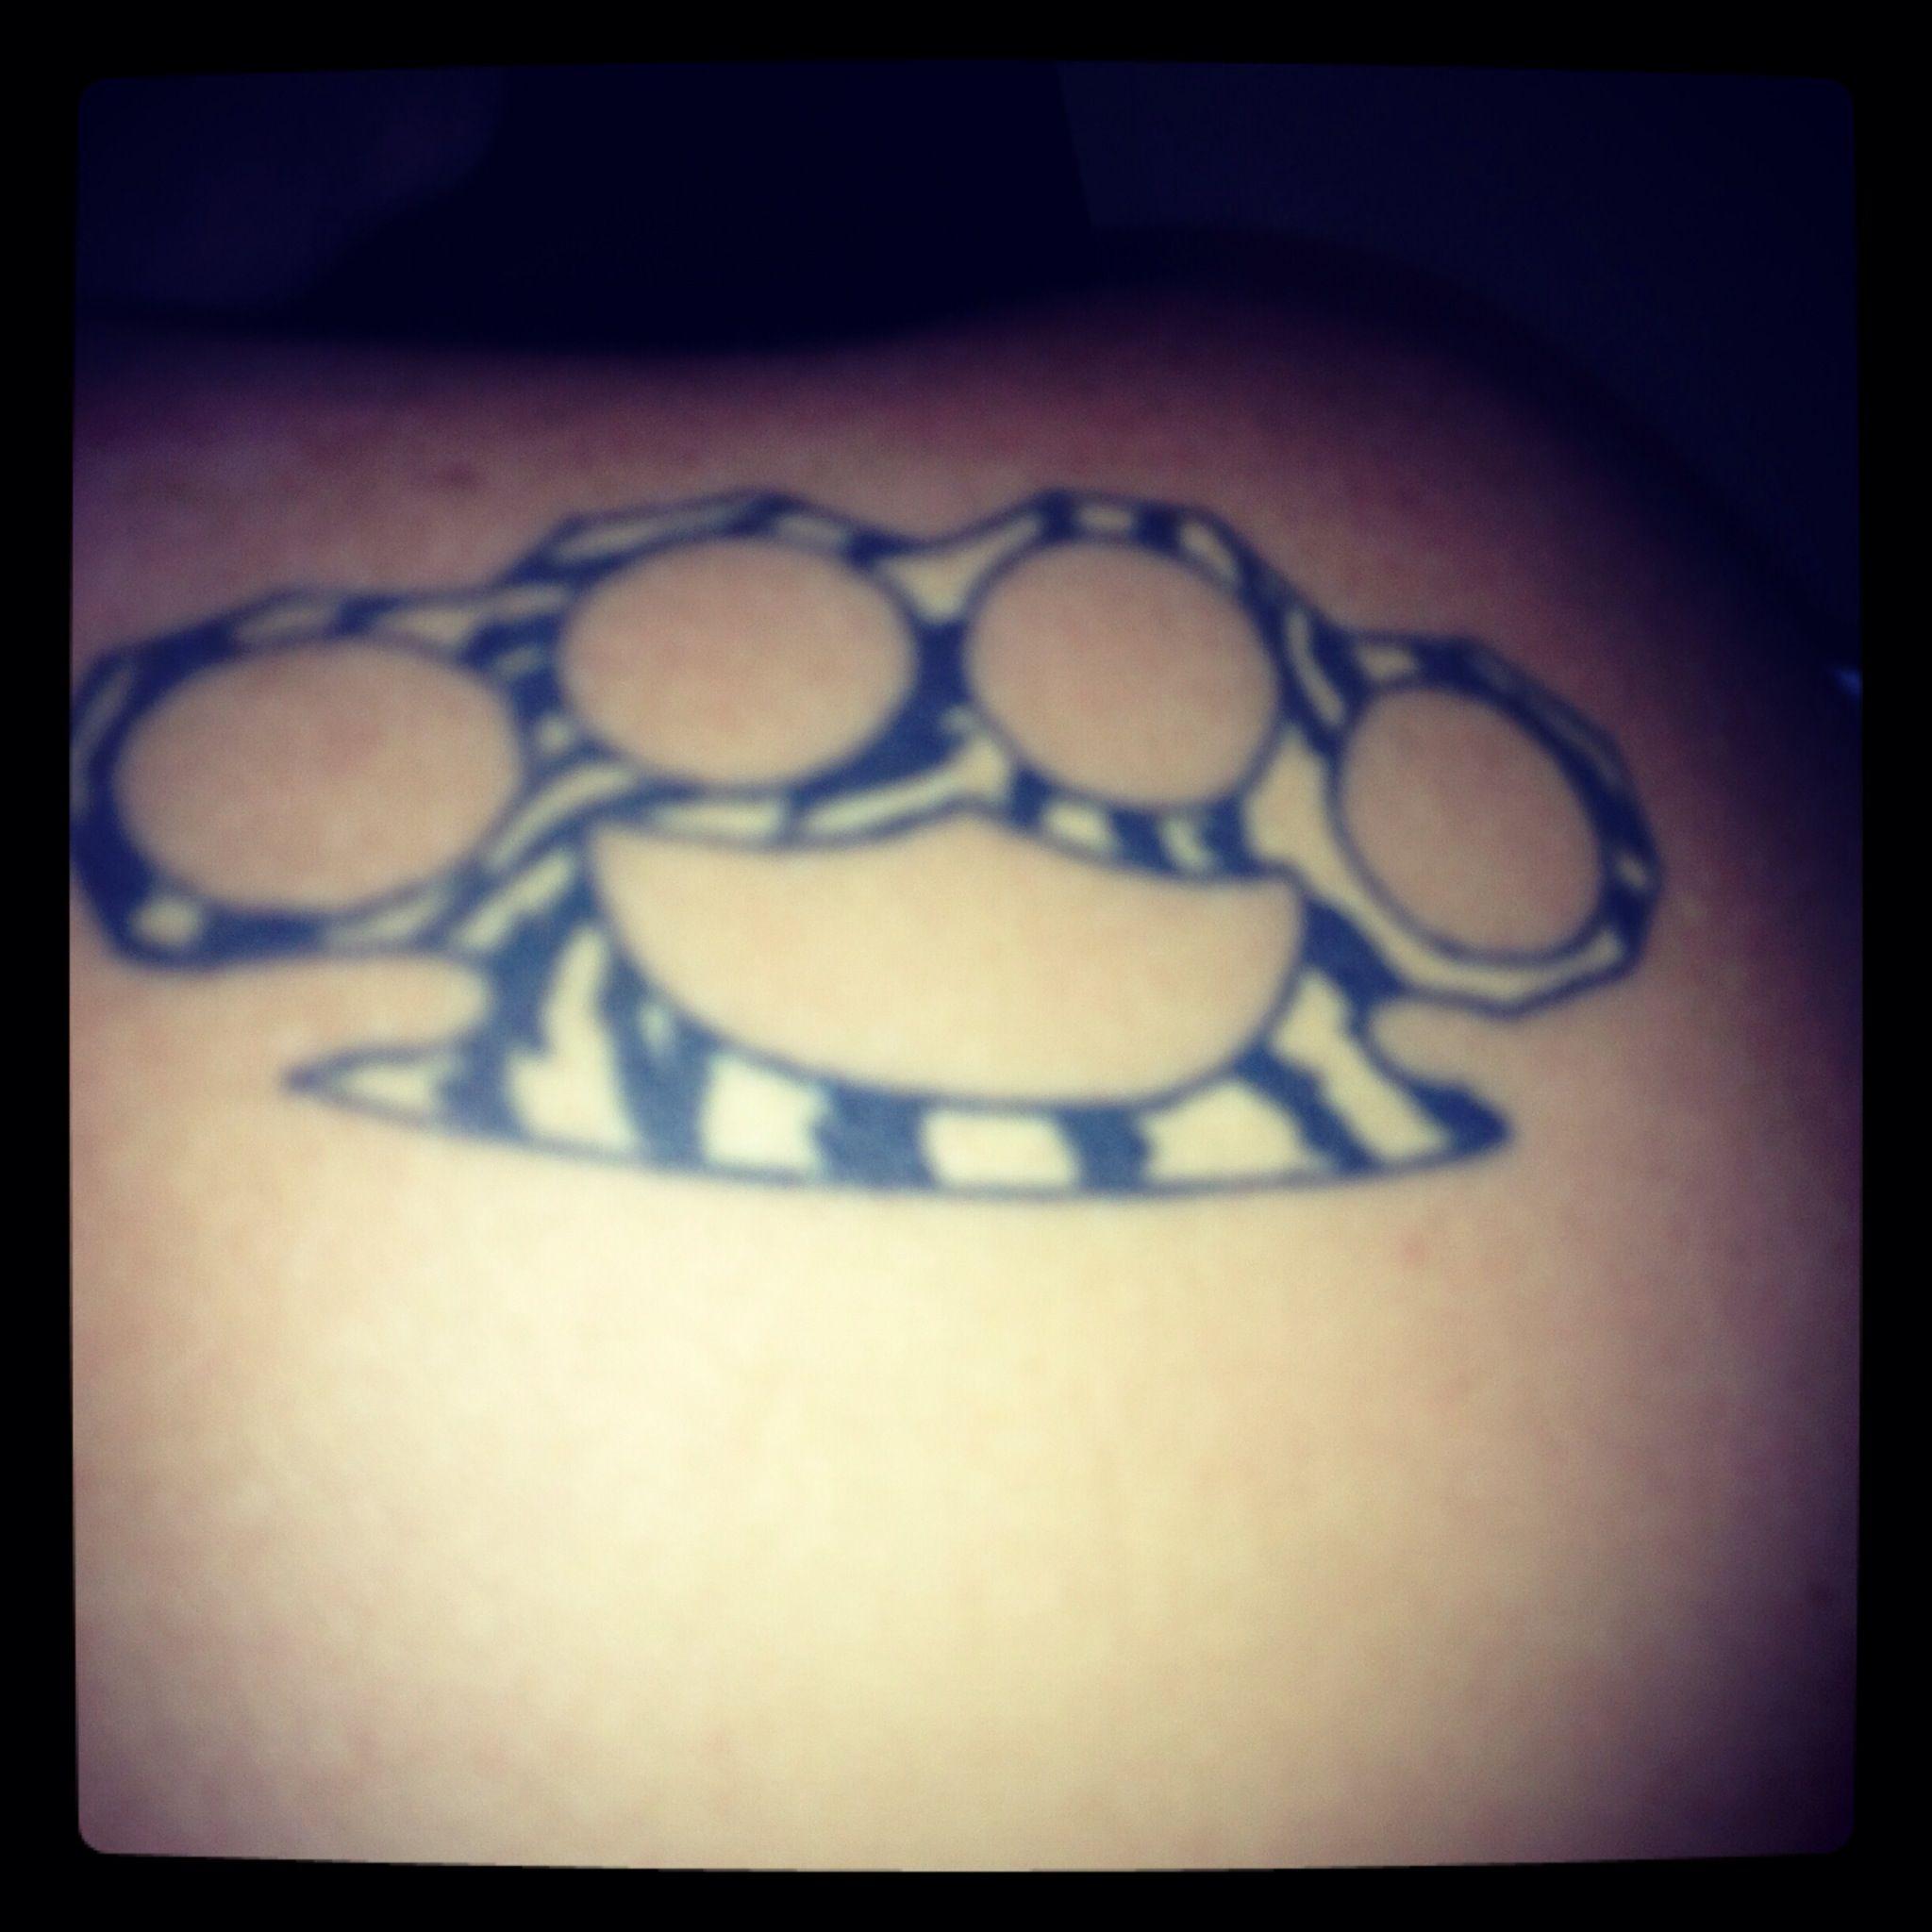 Zebra print brass knuckles | Tattoos | Tattoos, Friendship ...